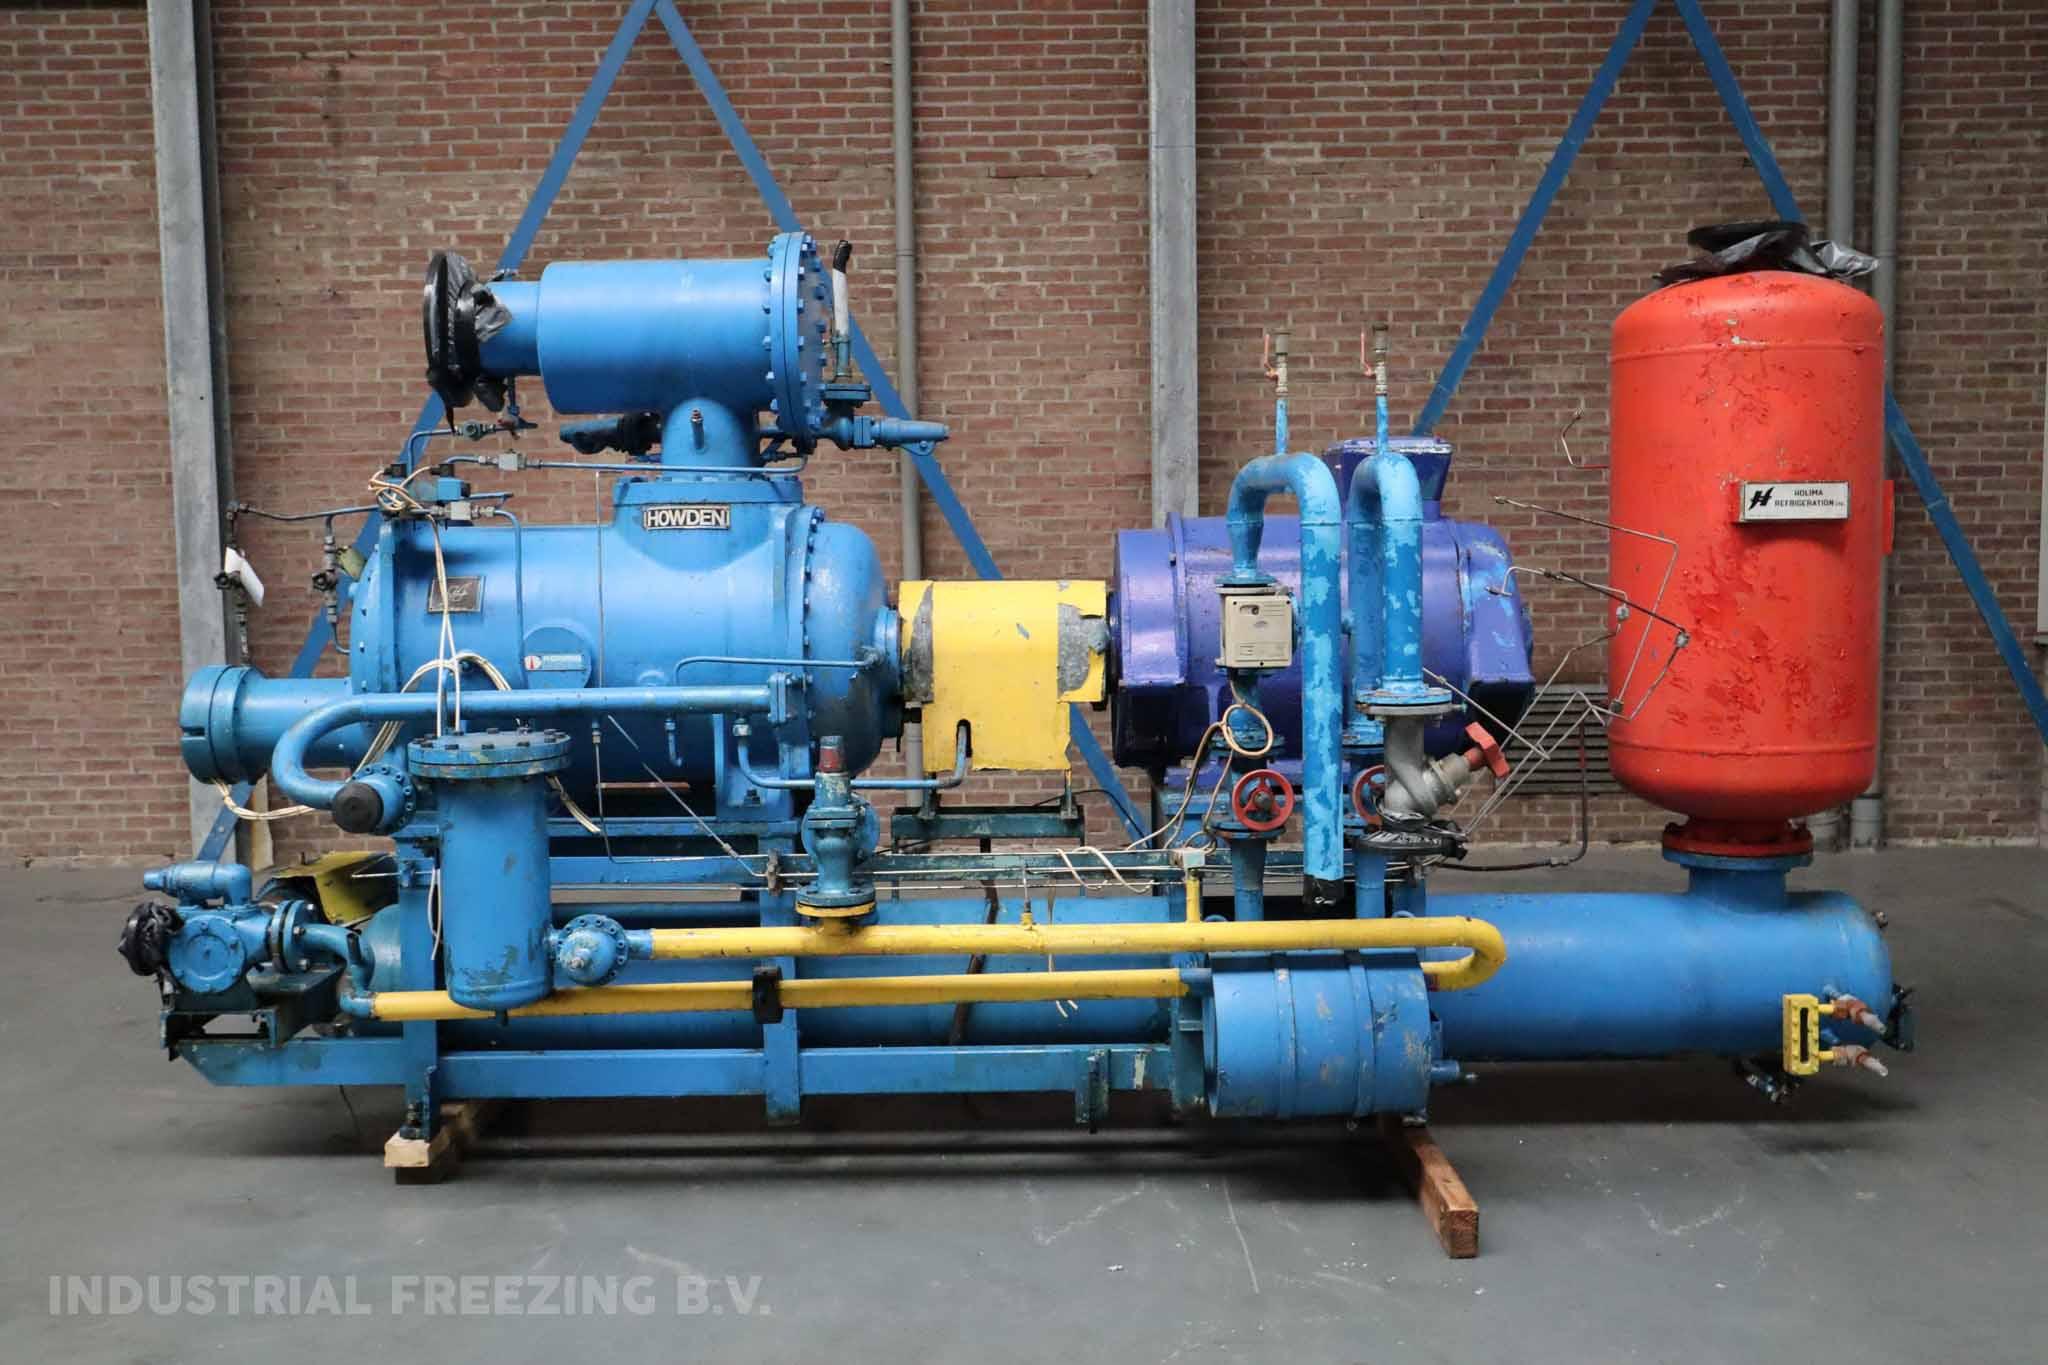 Howden MK4 WRVB255 Cooling Compressor